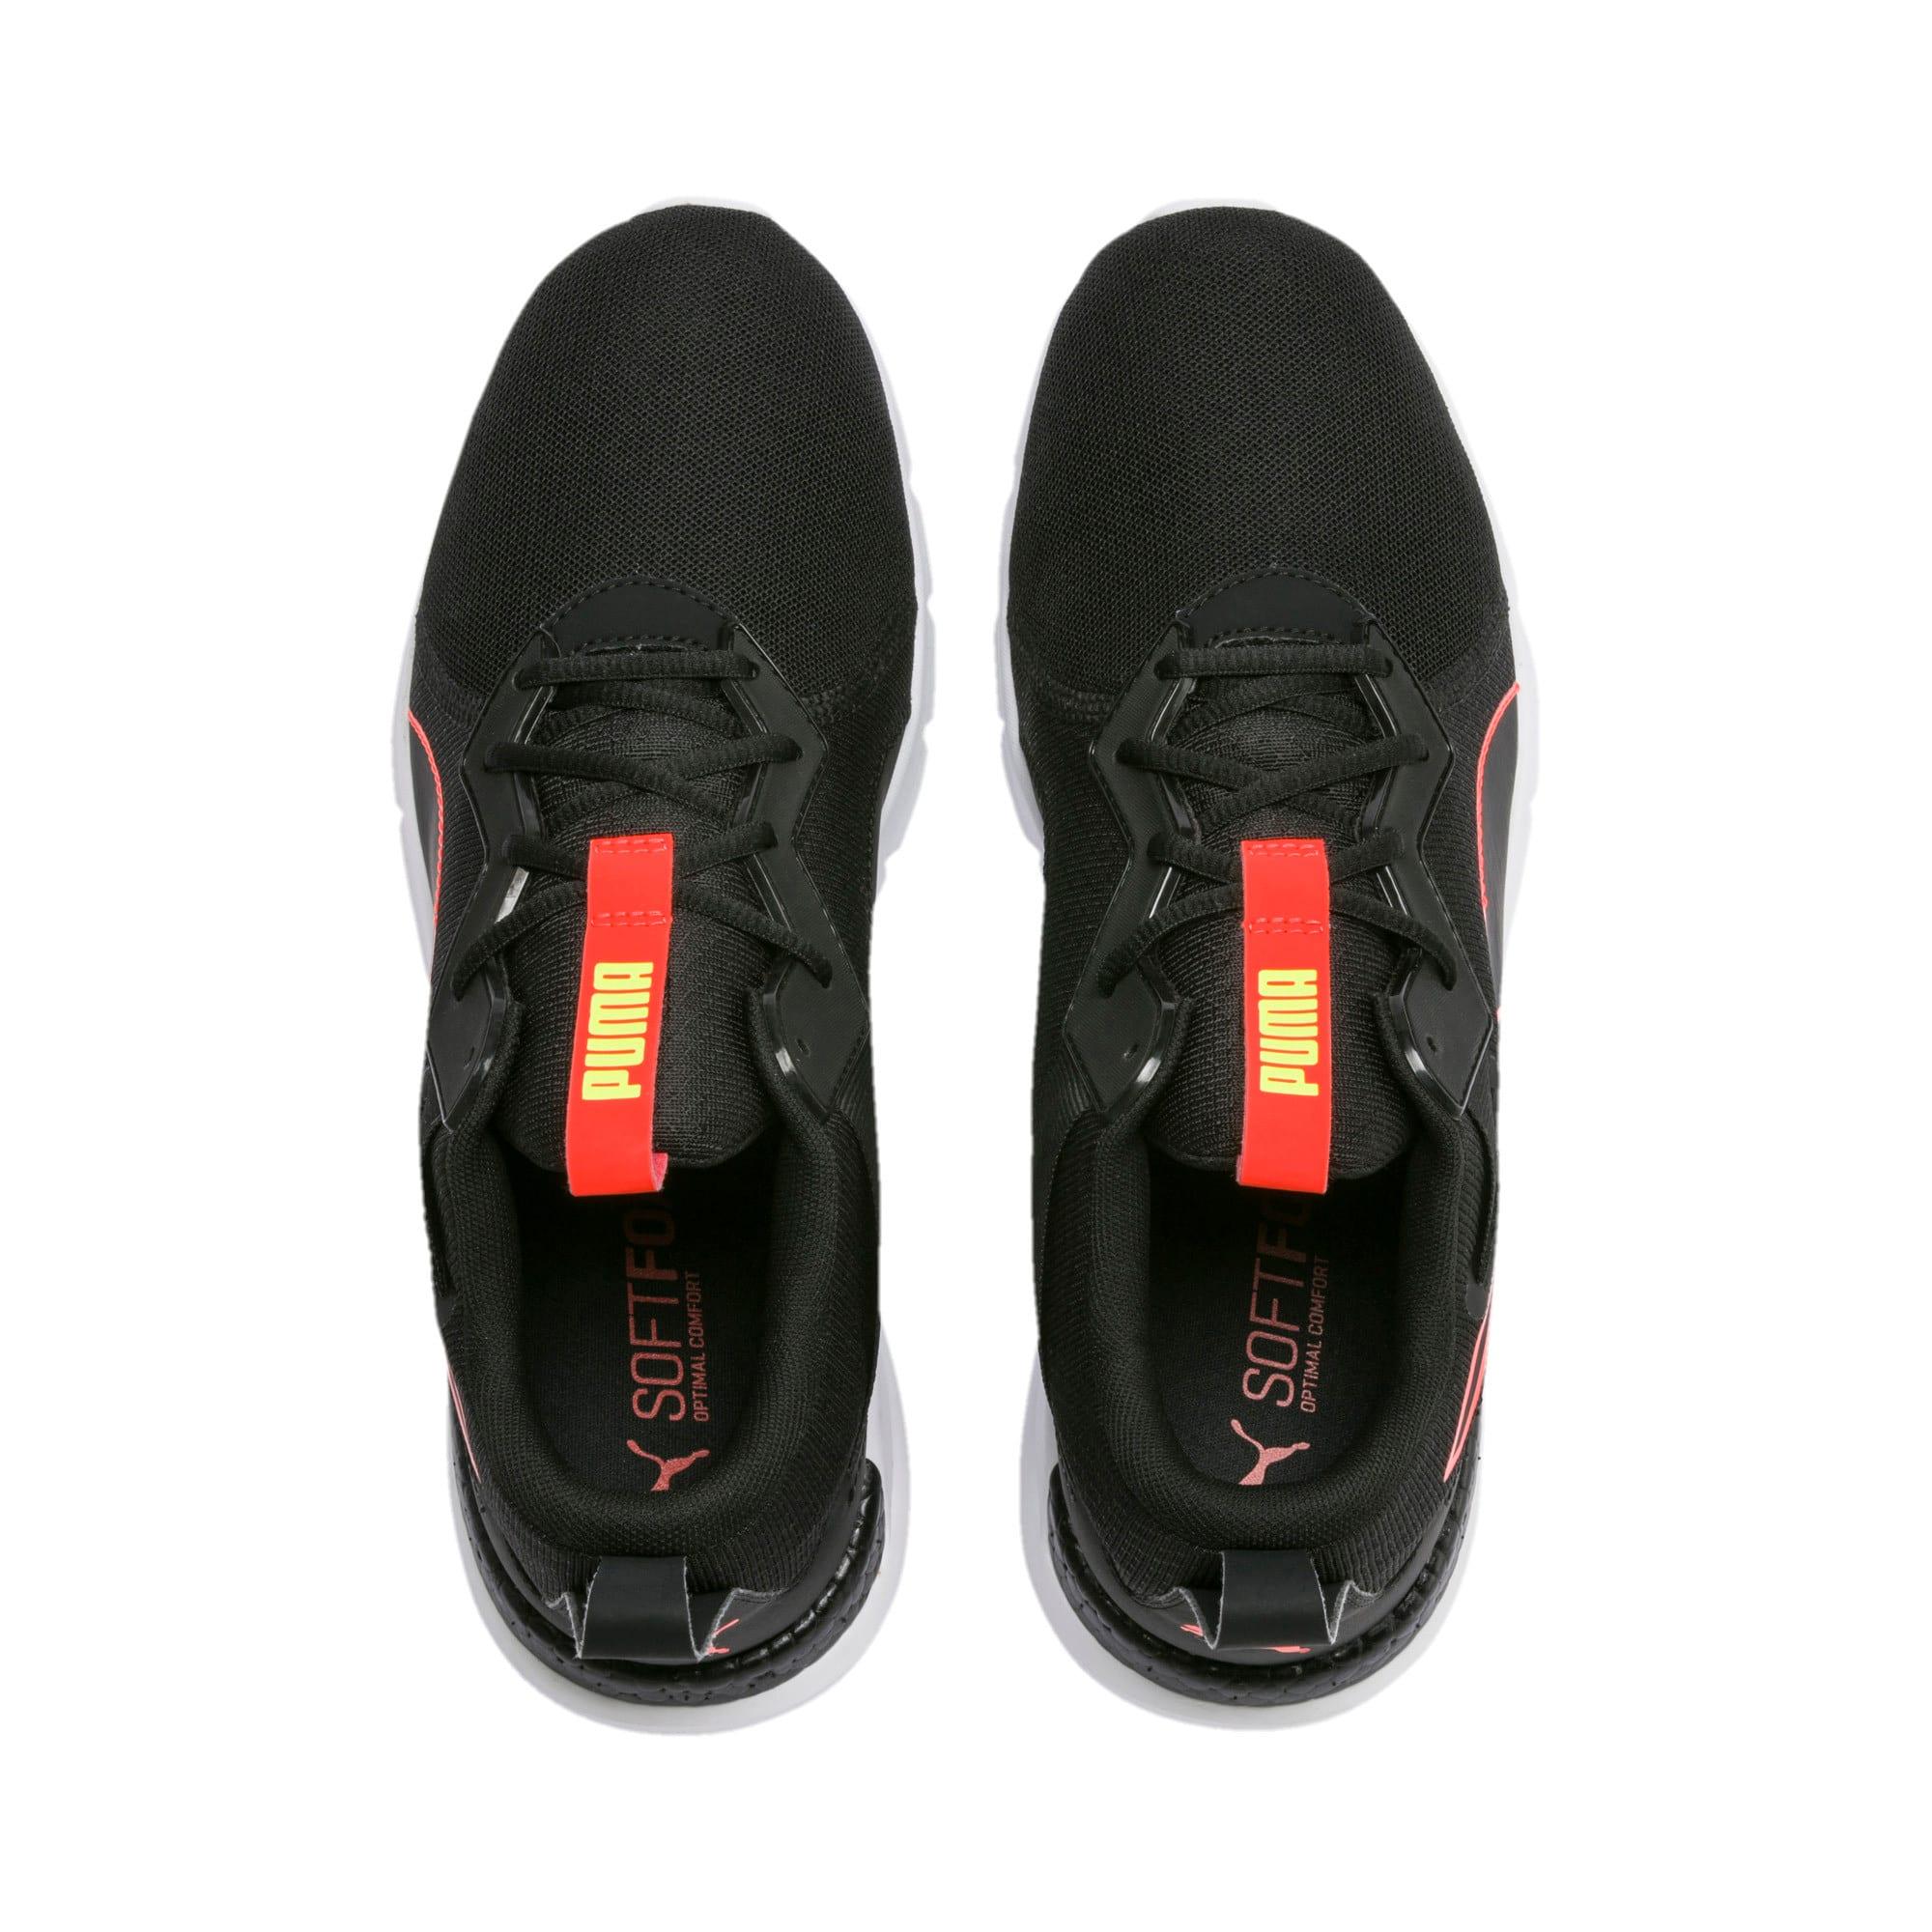 Miniatura 7 de Zapatos para correr NRGY Dynamo Futuro para hombre, Puma Black-Nrgy Red, mediano